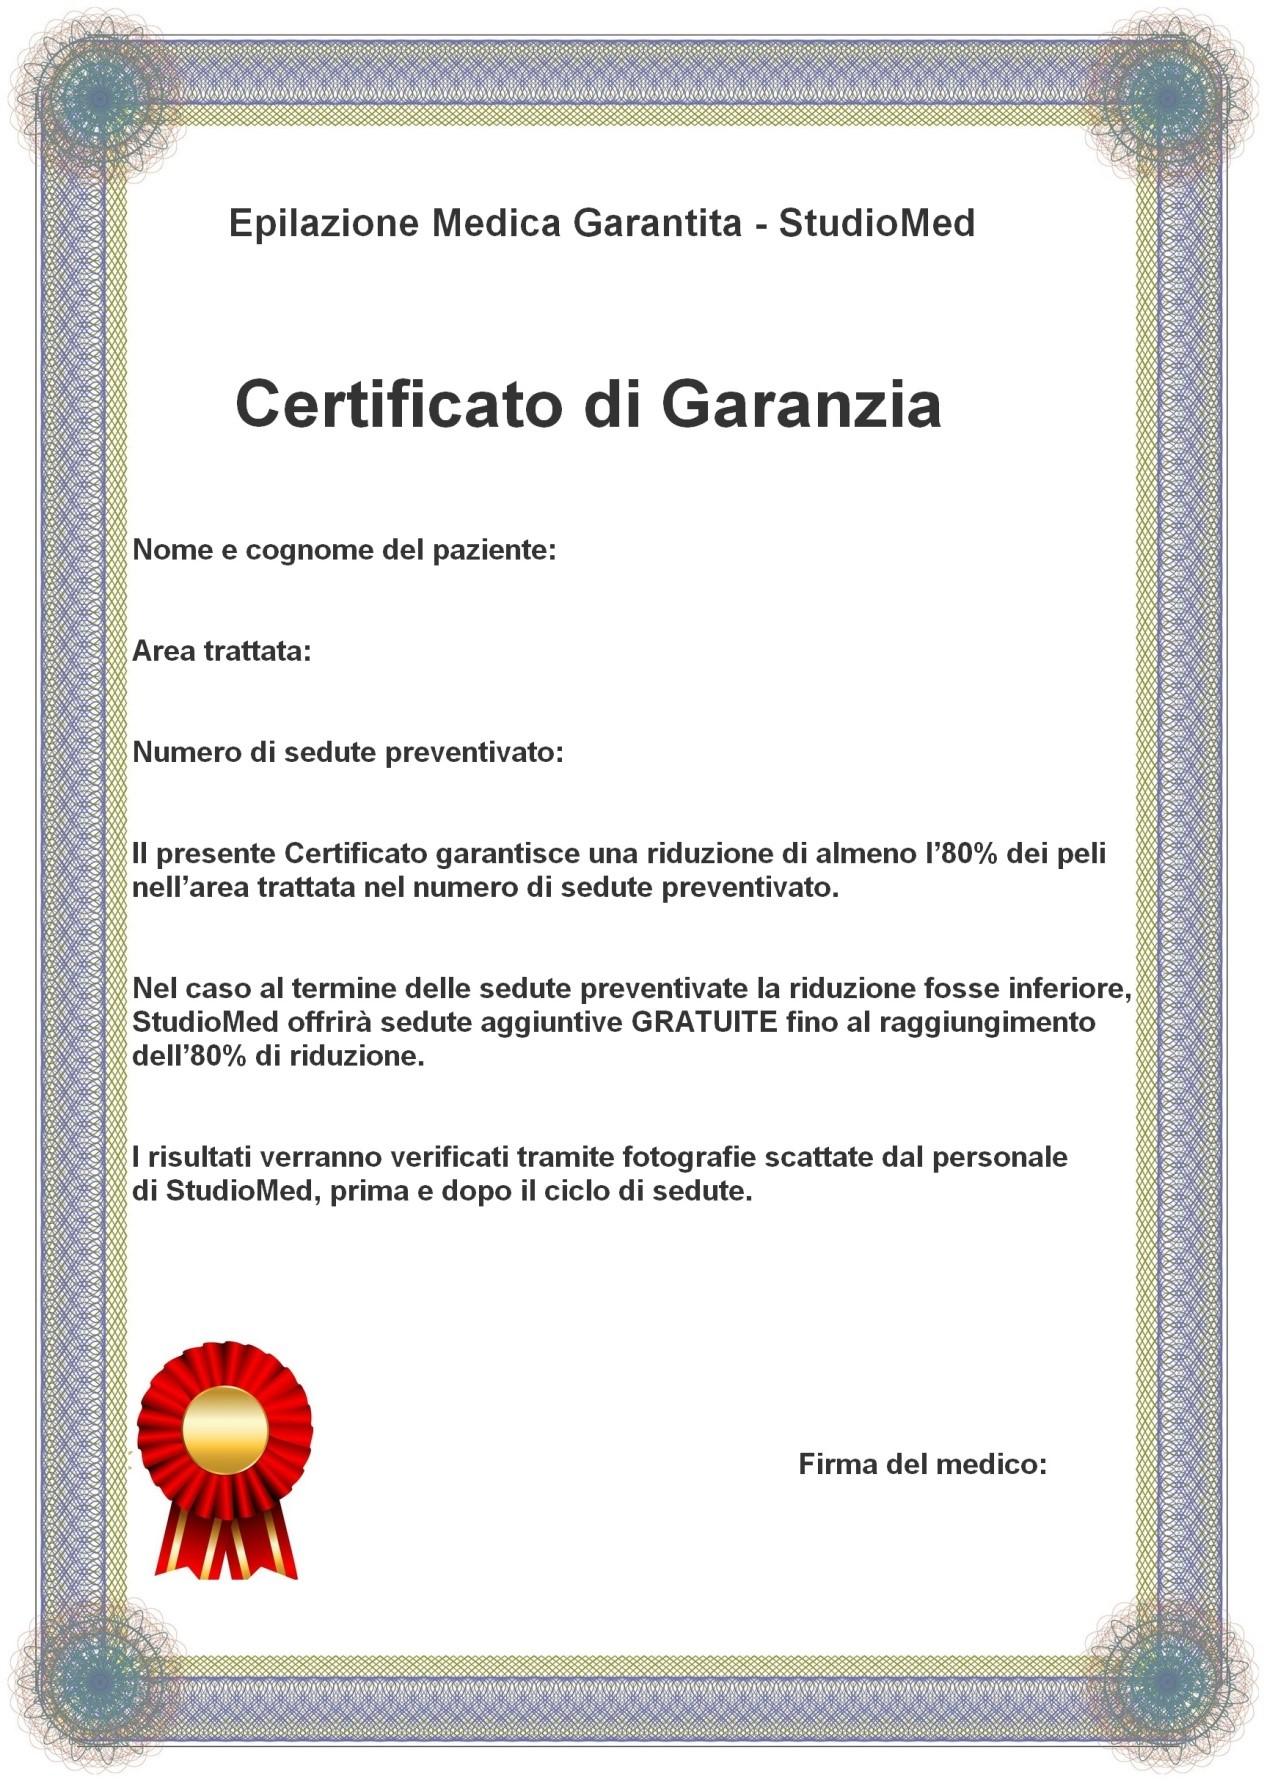 epilazione-laser-definitiva-certificato